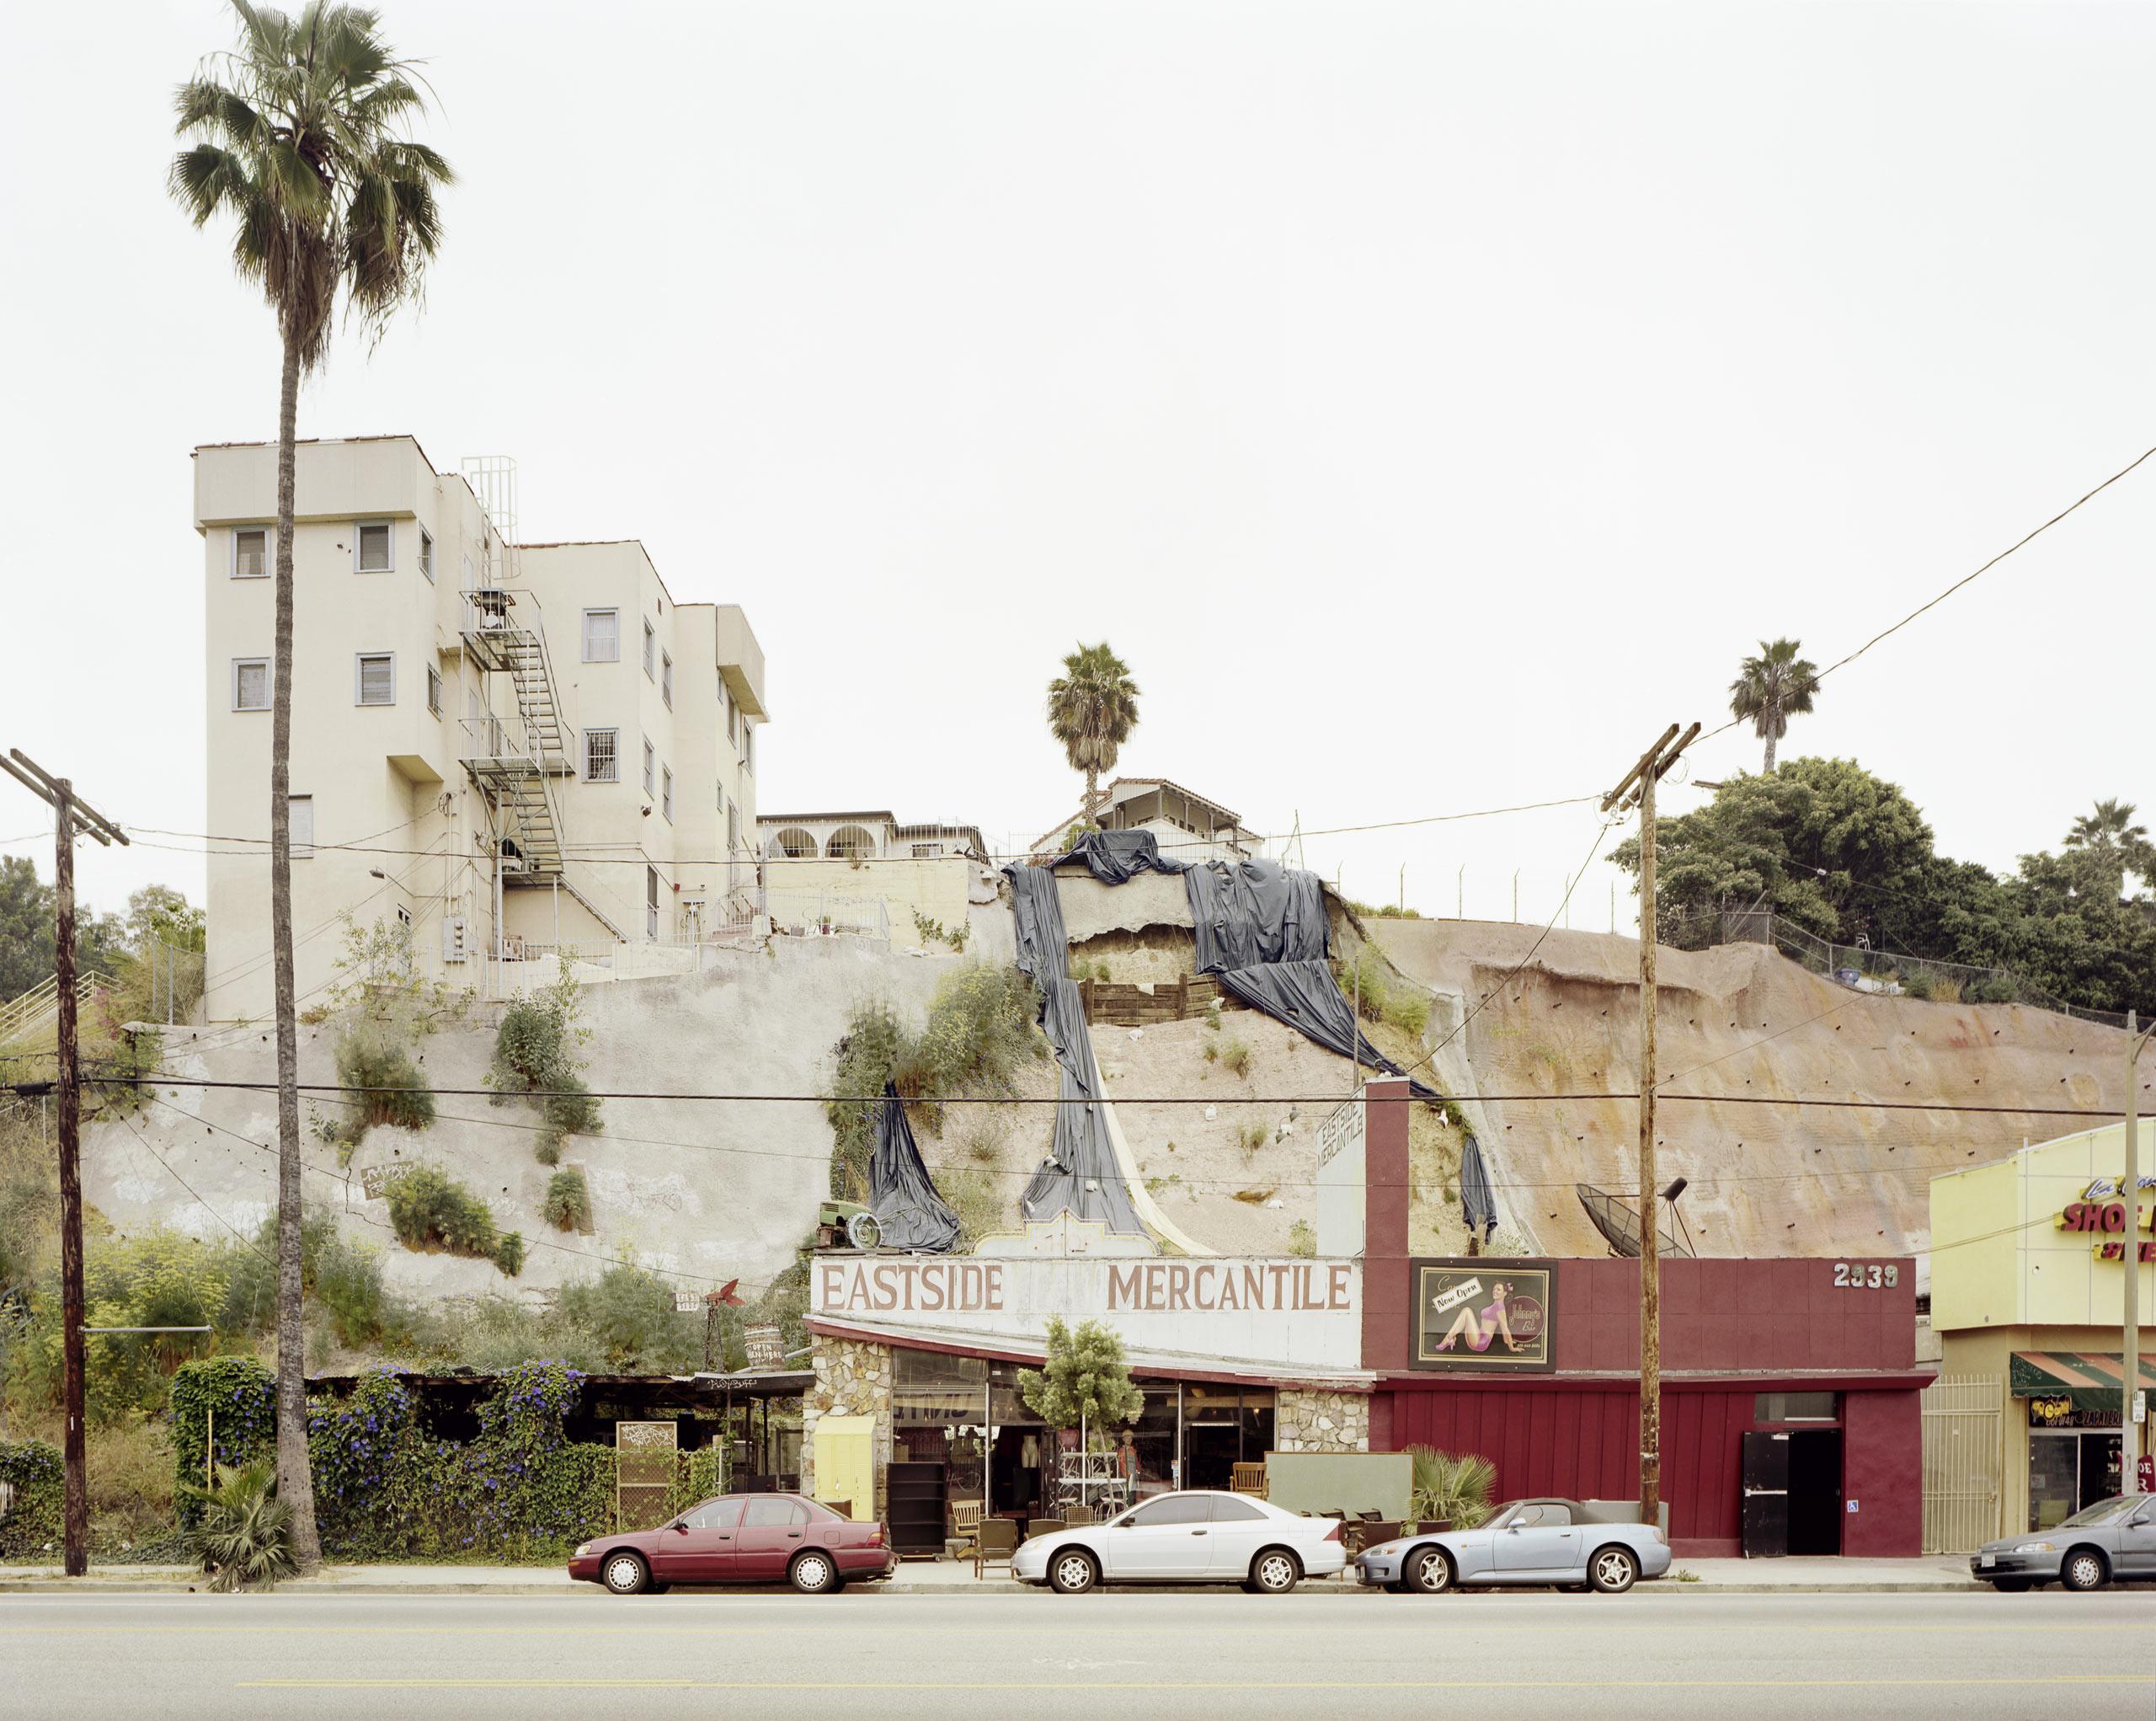 Eastside Mercantile, 2007.